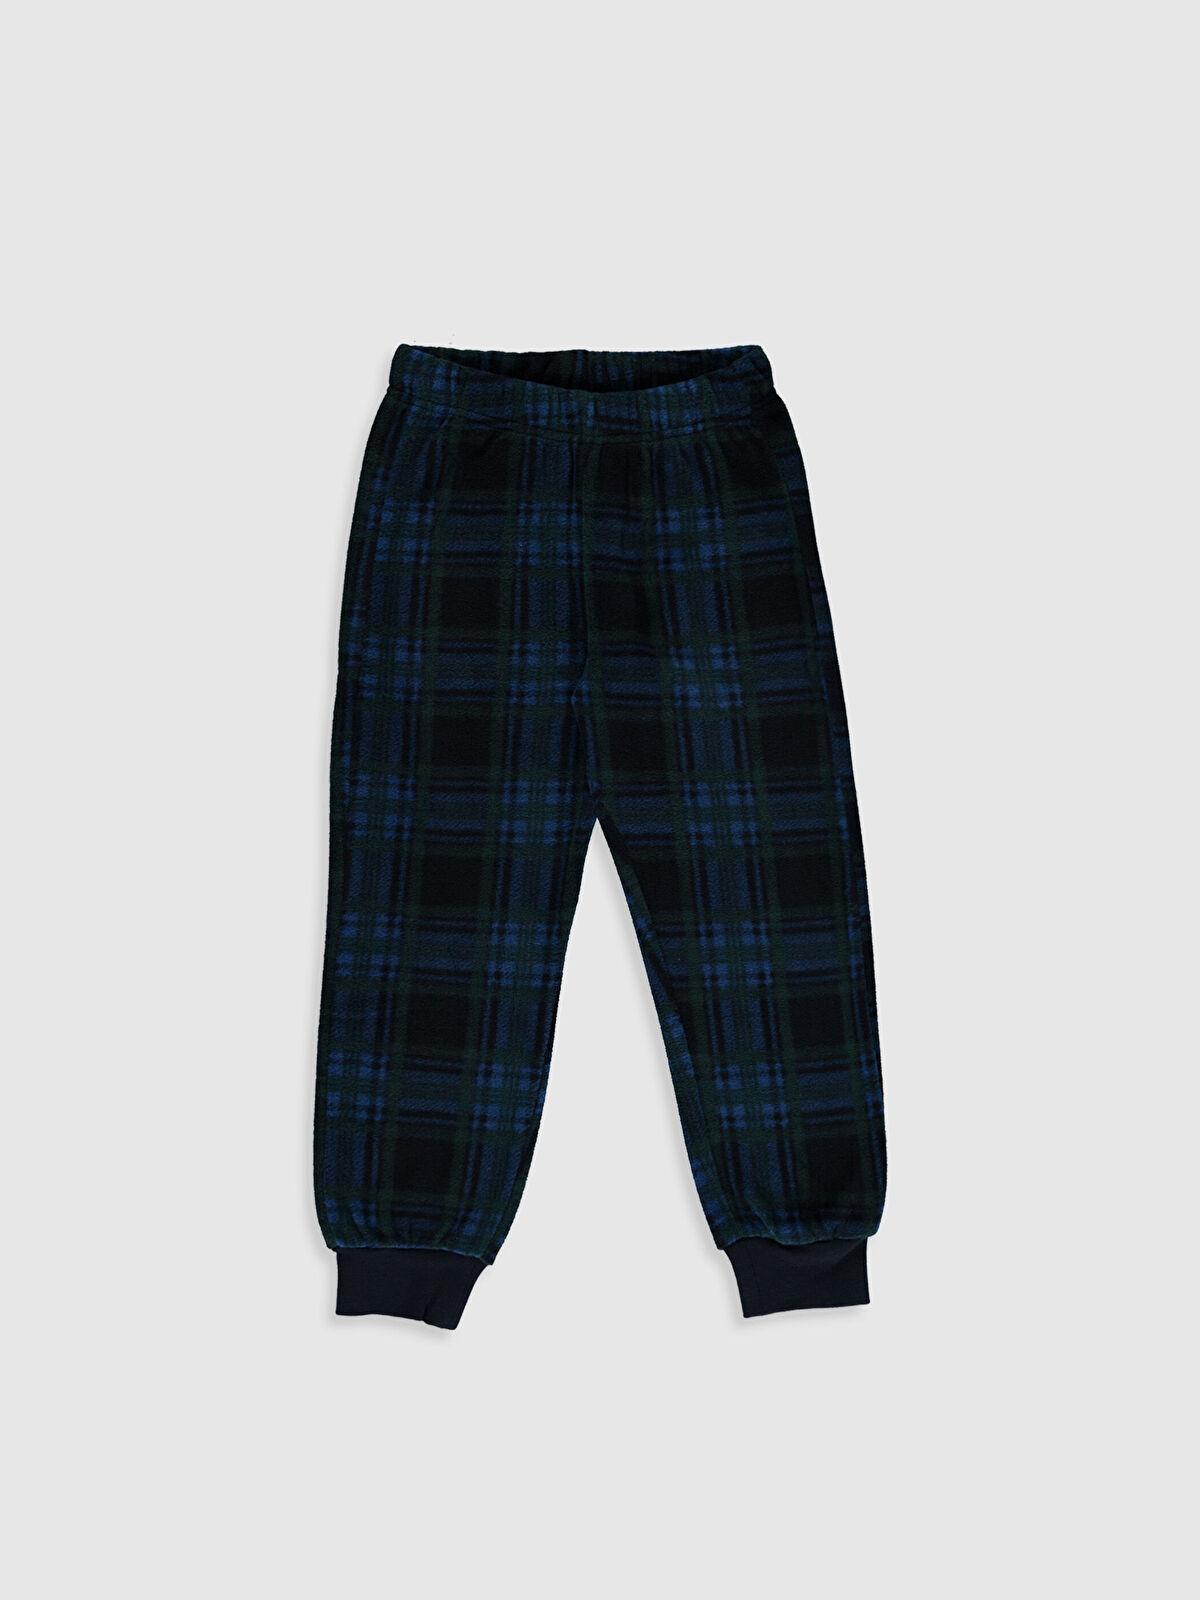 Erkek Çocuk Polar Pijama Alt - LC WAIKIKI